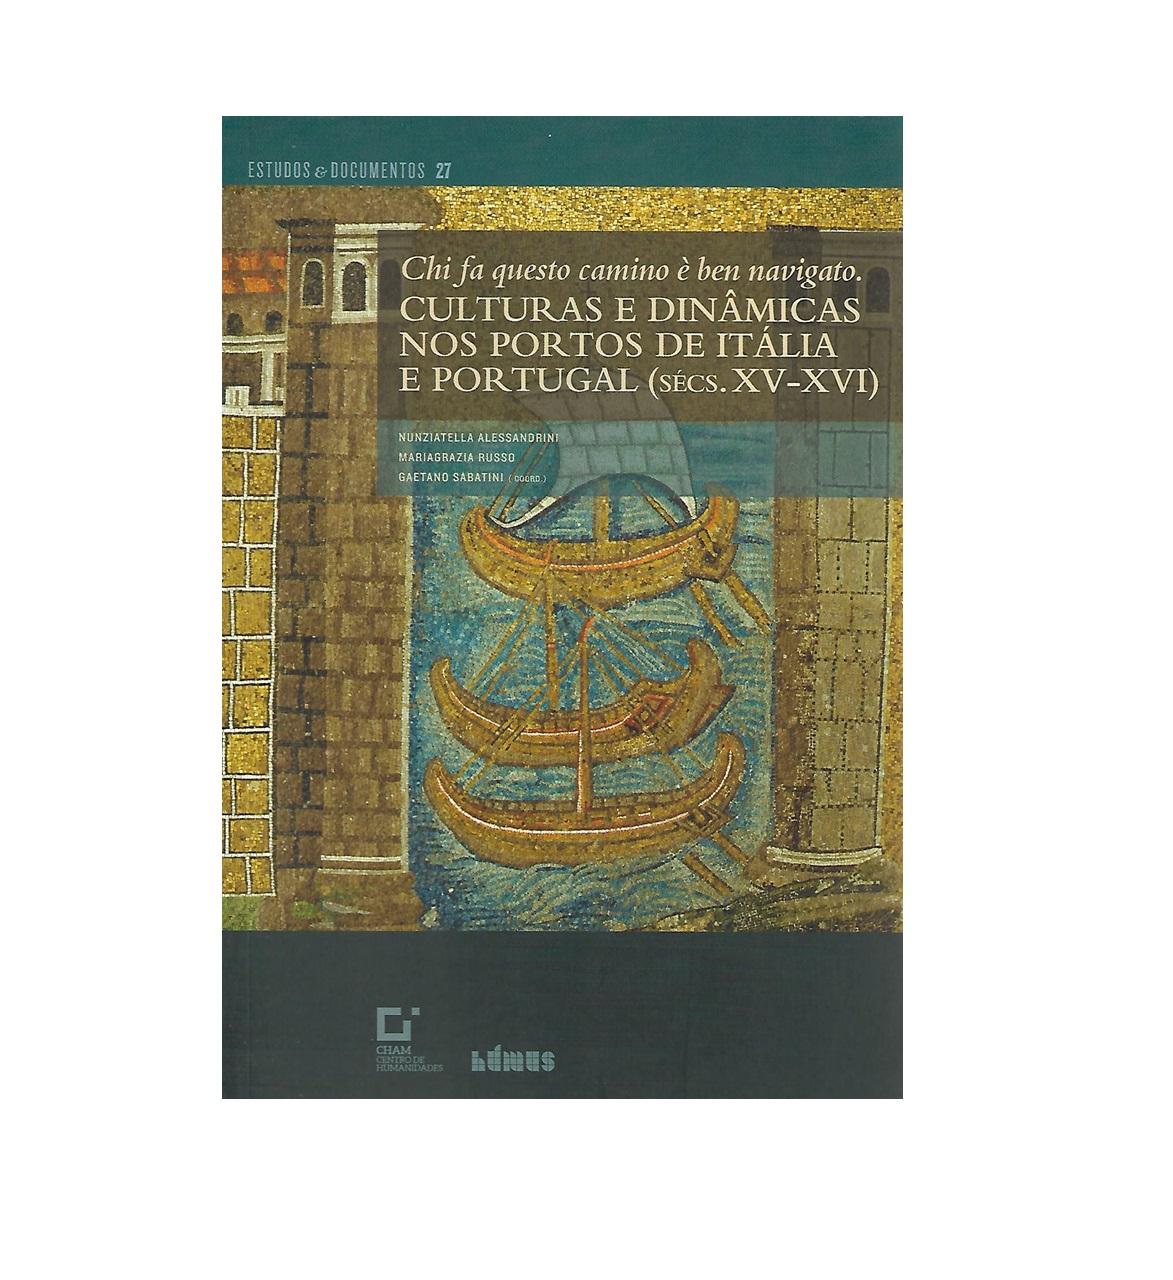 CULTURAS E DINÂMICAS NOS PORTOS DE ITÁLIA E PORTUGAL (Sécs. XV-XVI).